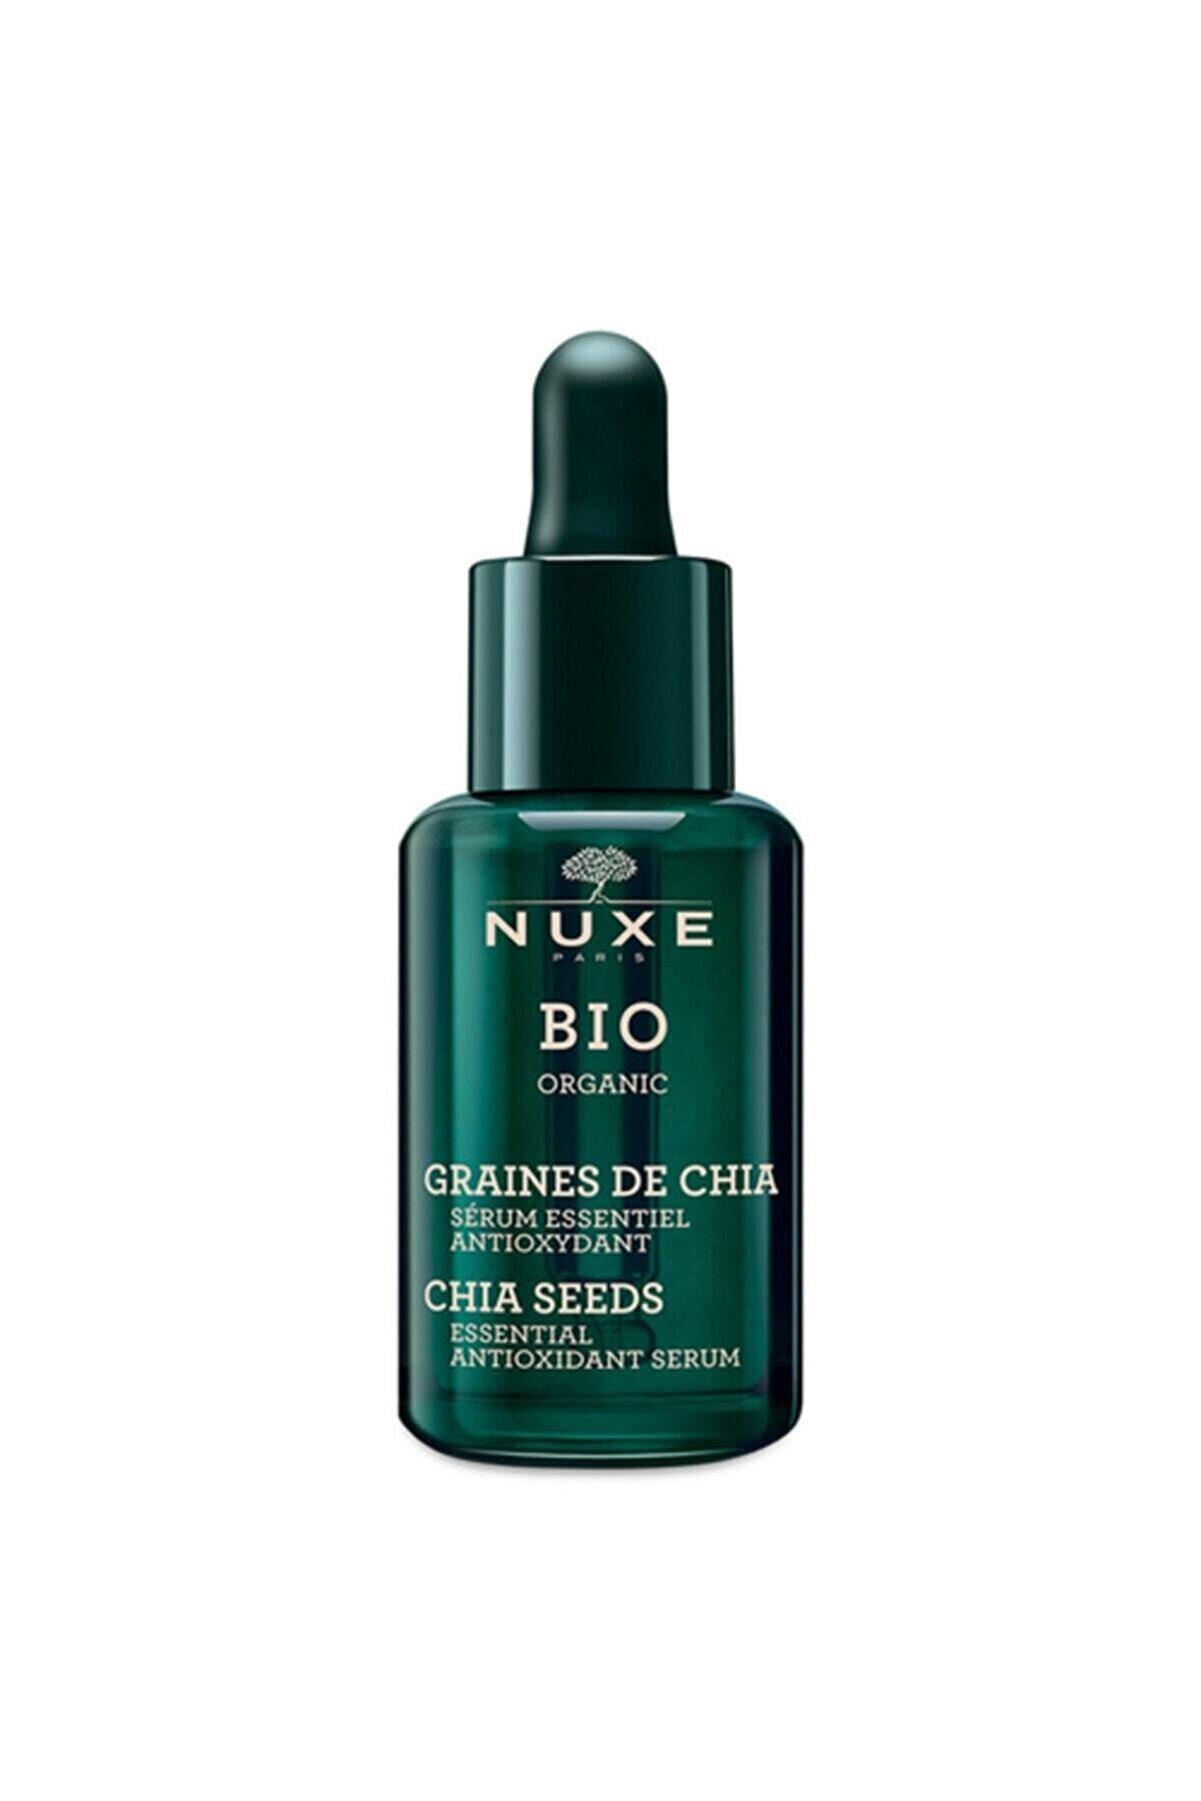 Nuxe Bio Organic Antioksidan Serum 30 ml